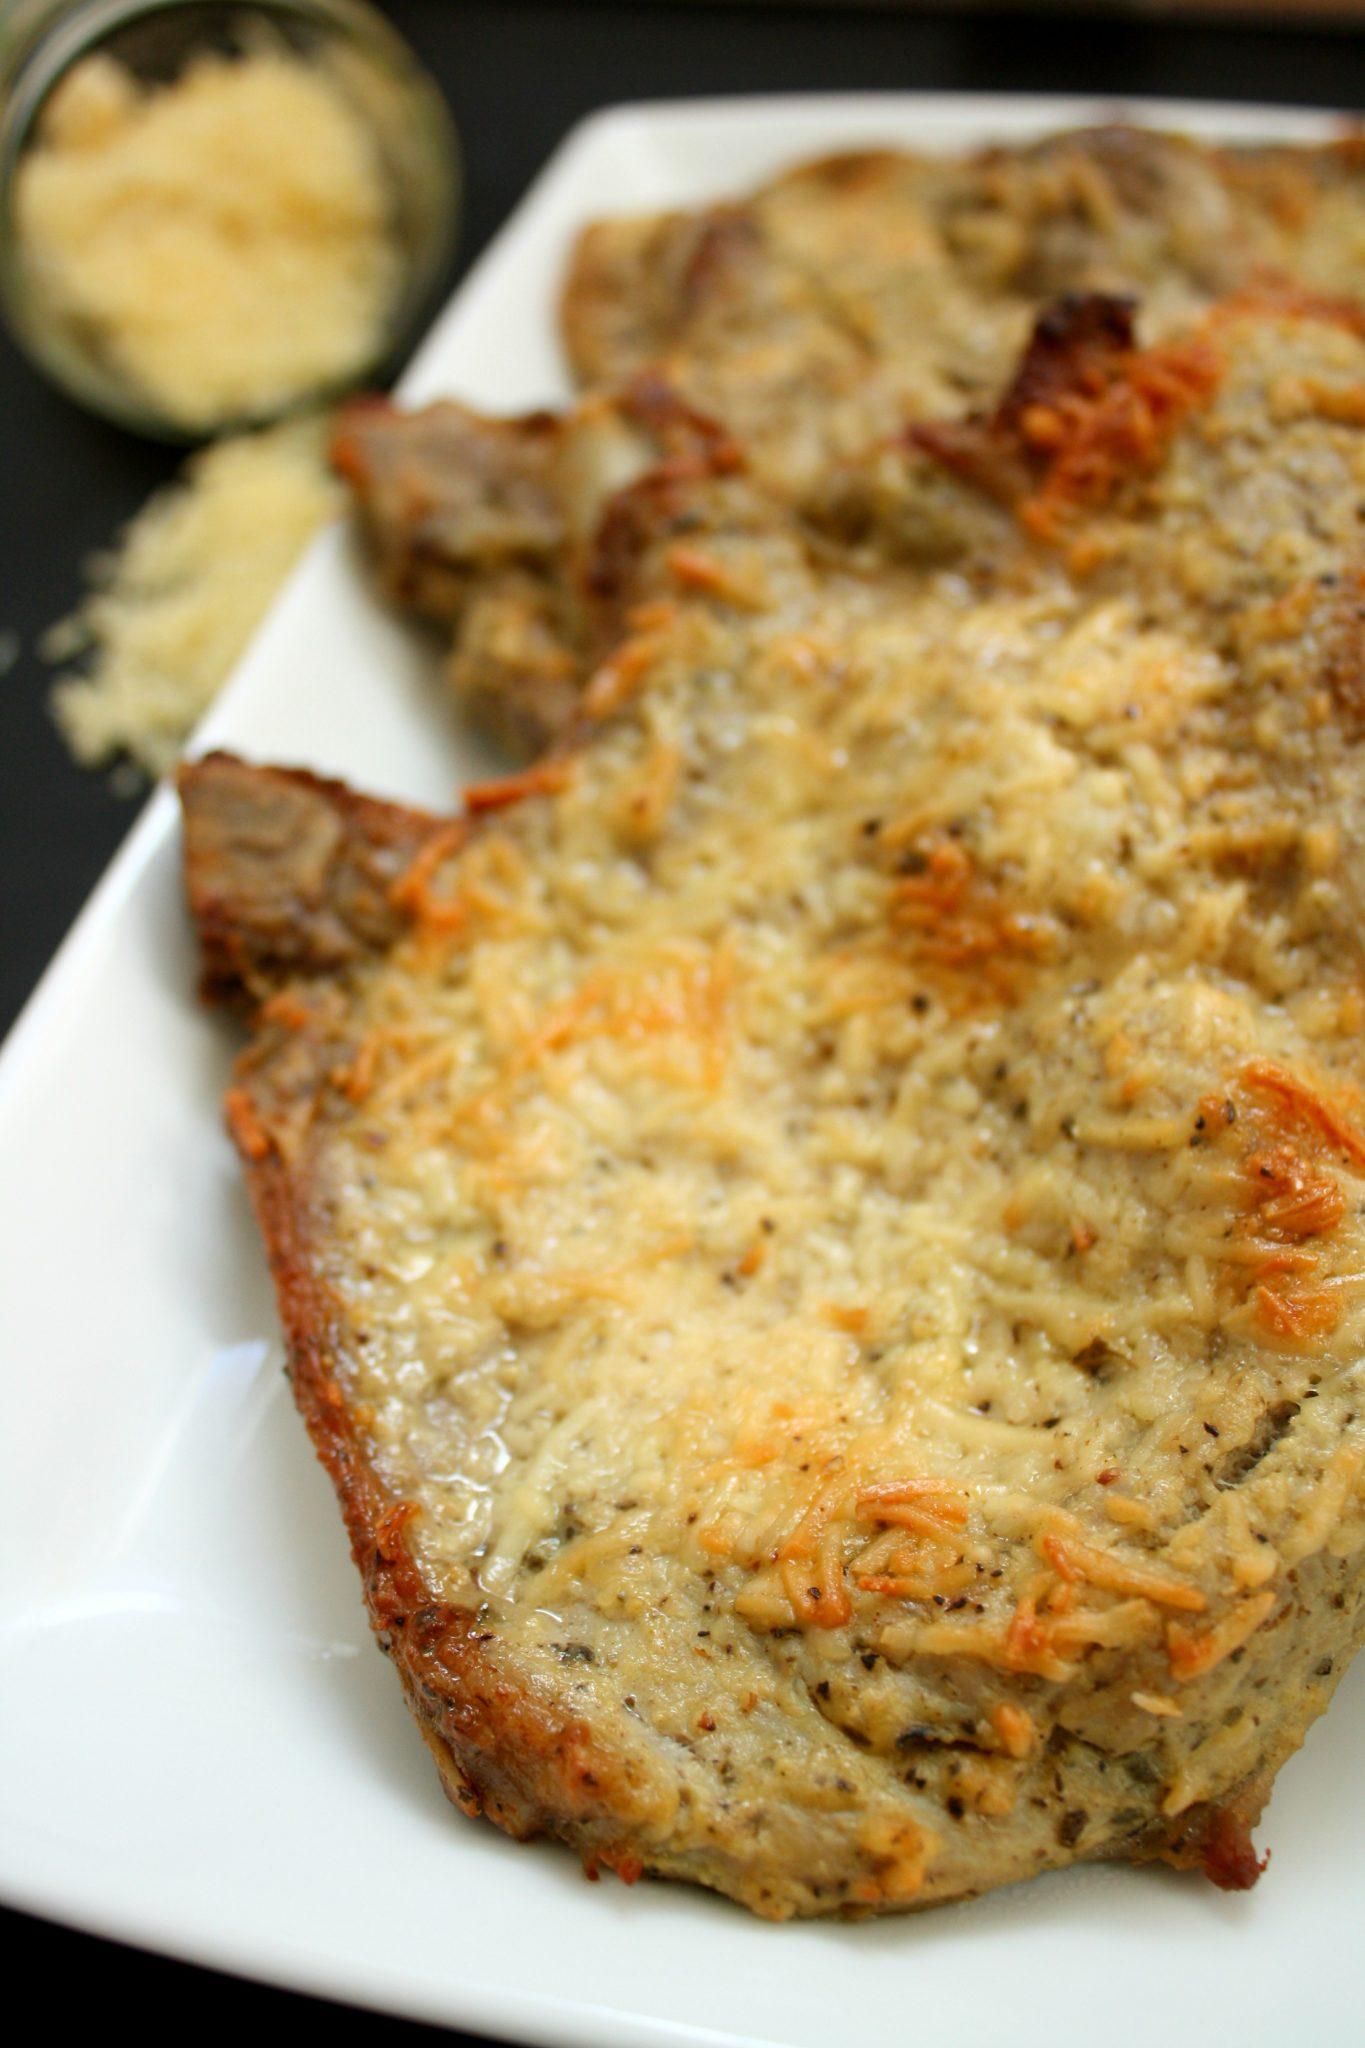 Camadinha crocante e deliciosa de queijo nessa bisteca de porco assada